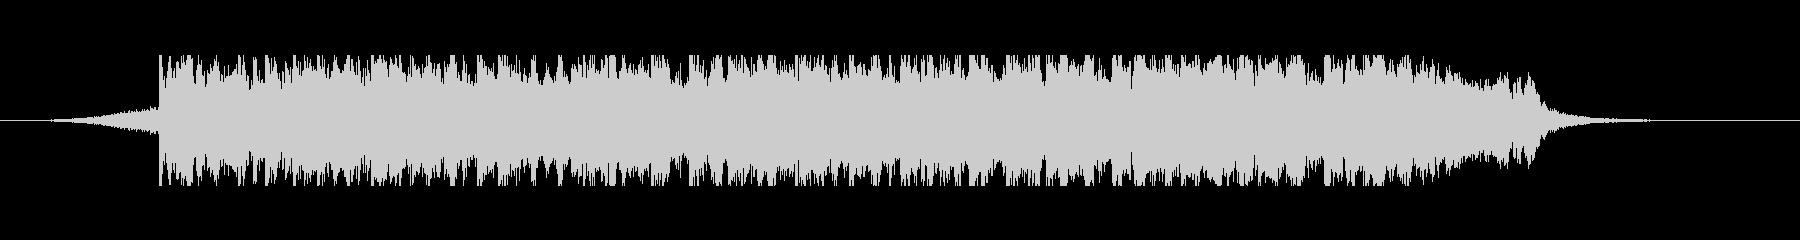 プリンスオブペルシャ(30秒)の未再生の波形